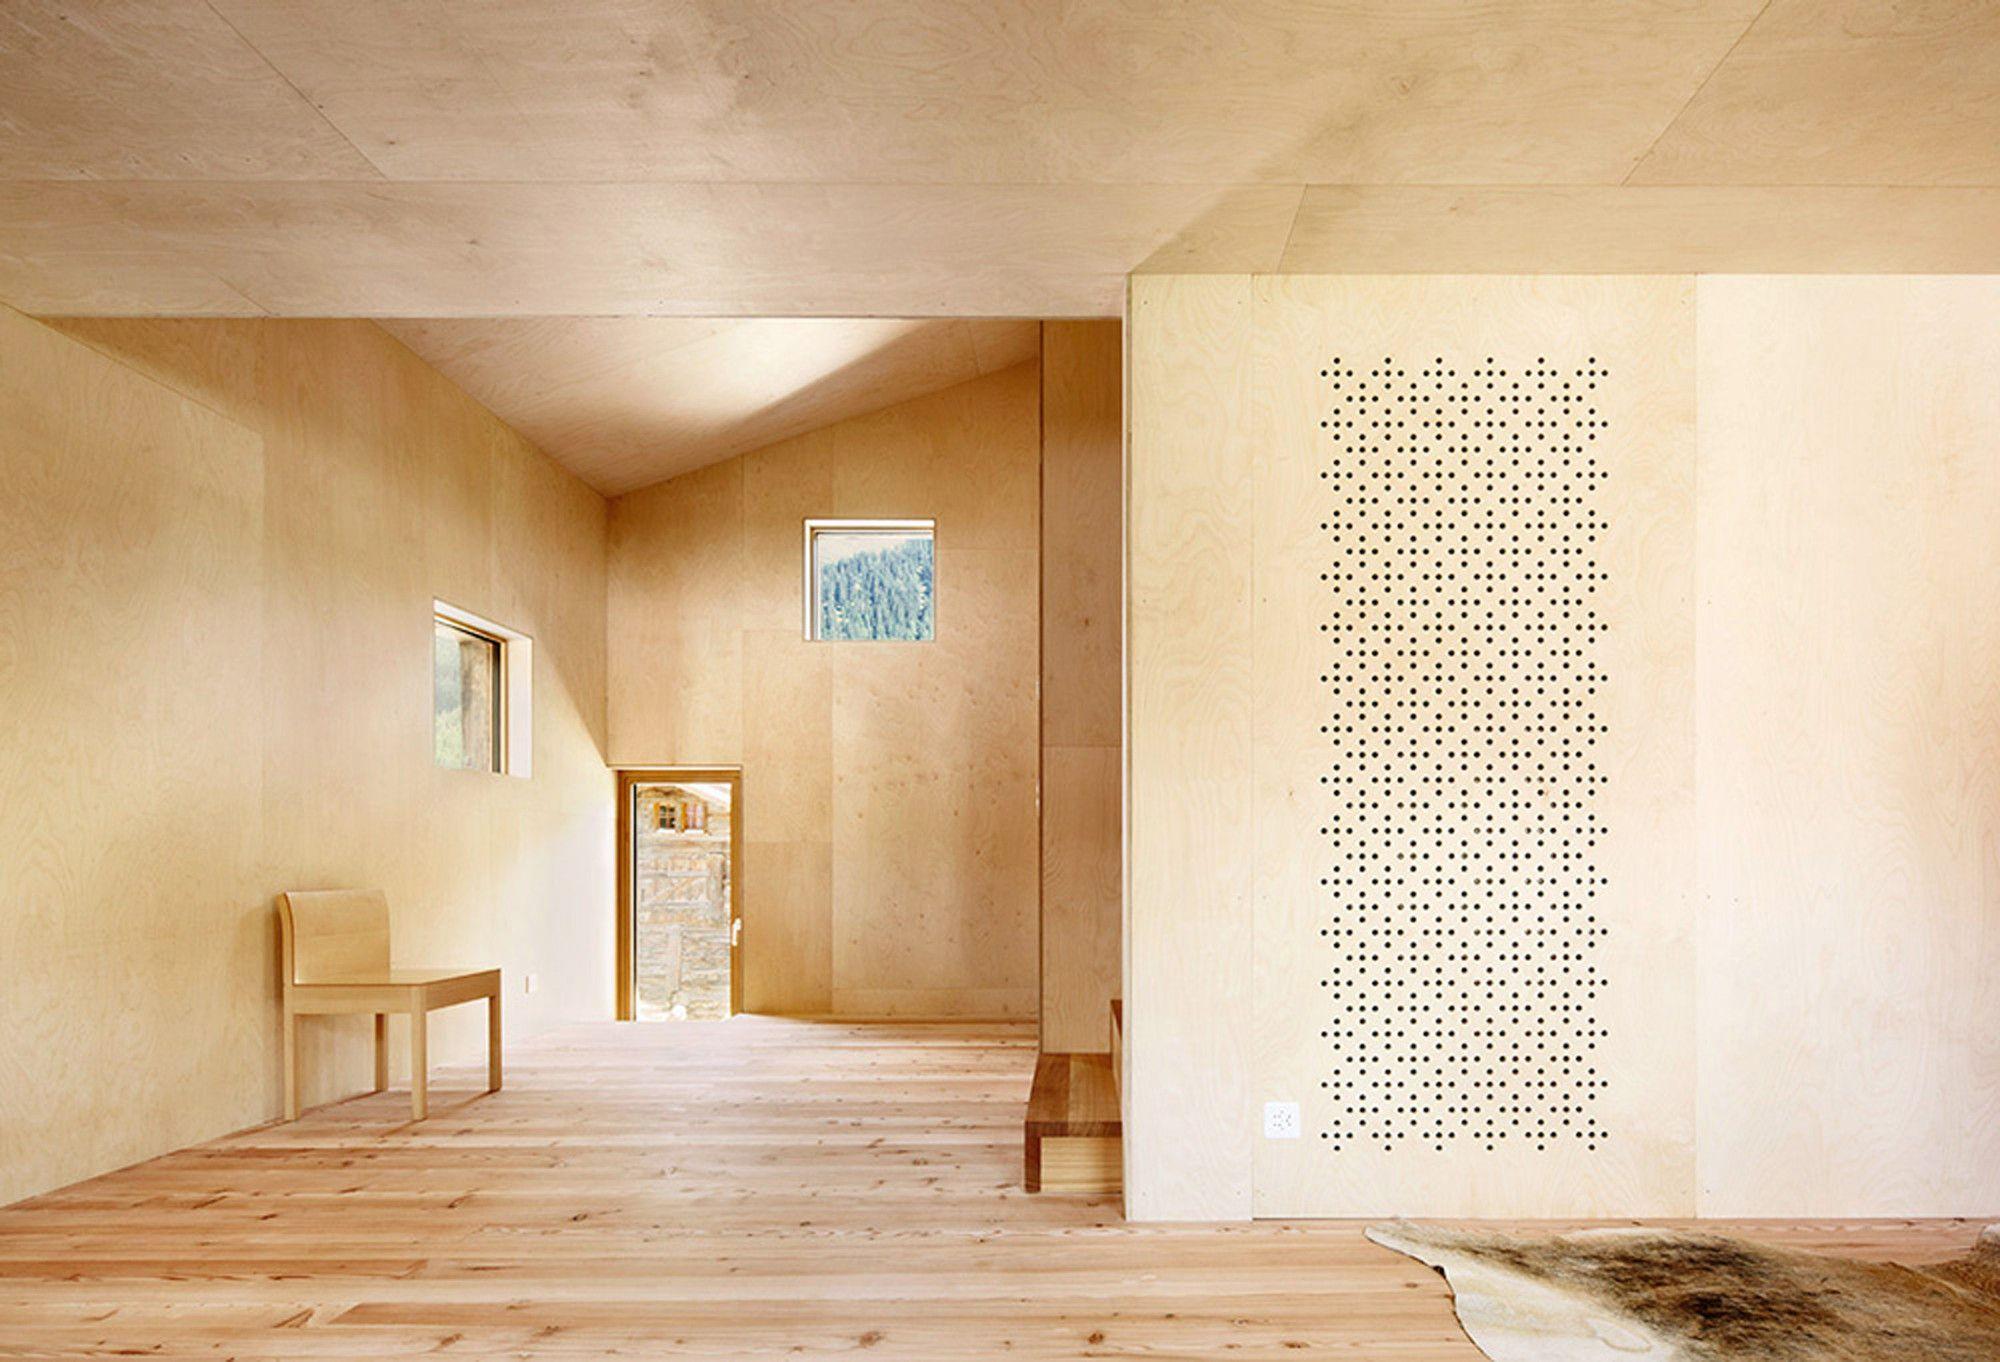 Gallery of Casa C / Camponovo Baumgartner Architekten - 13